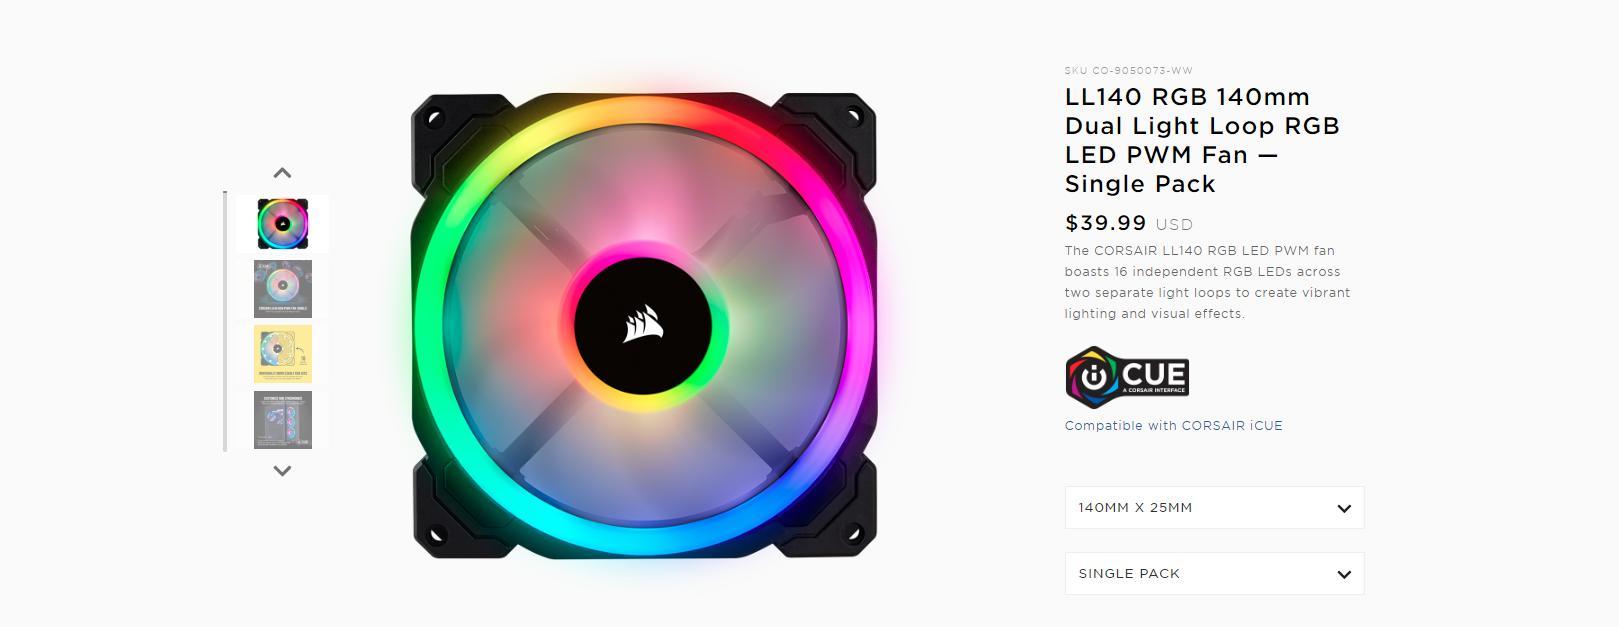 Fan Case Corsair LL140 RGB 140mm Dual Light Loop RGB LED Single Pack trang bị 16 đèn LED RGB độc lập trên hai vòng ánh sáng riêng biệt để tạo ra hiệu ứng ánh sáng và hình ảnh sống động.